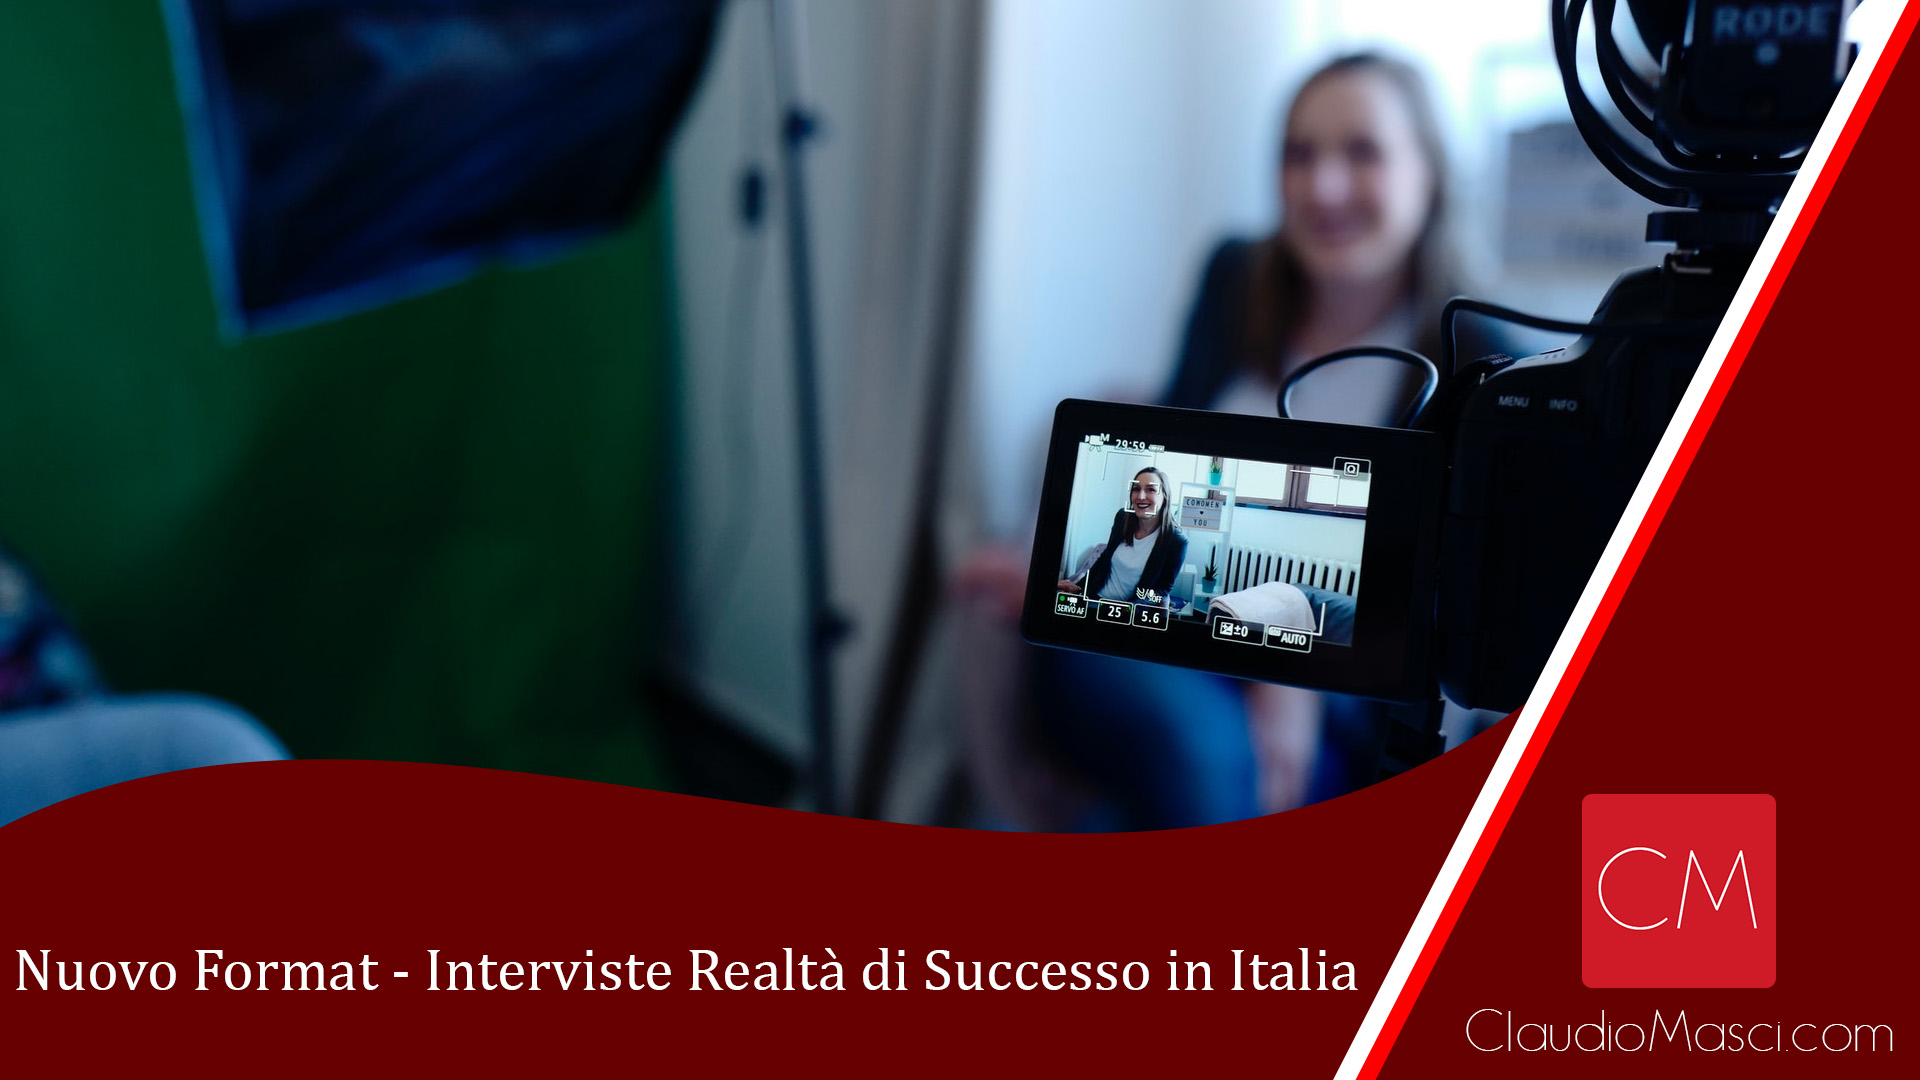 Nuovo Format – Interviste a realtà di successo in Italia